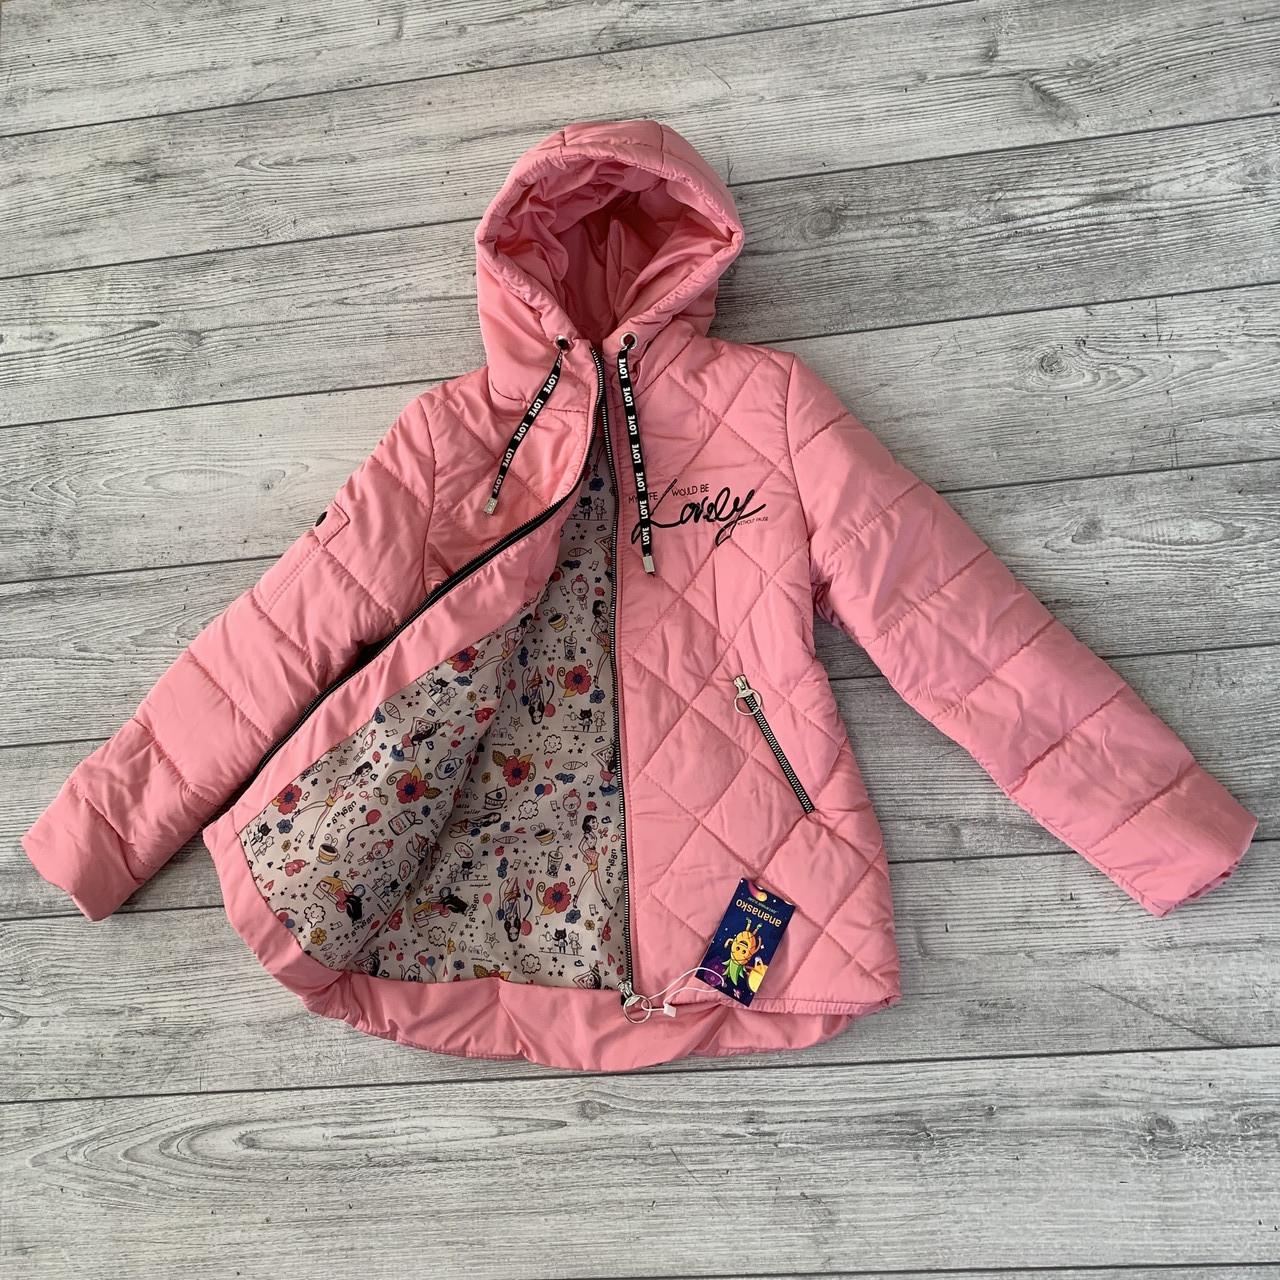 Весенняя куртка на девочку размеры 140-152, коллекция Весна 2019 розовой цвет